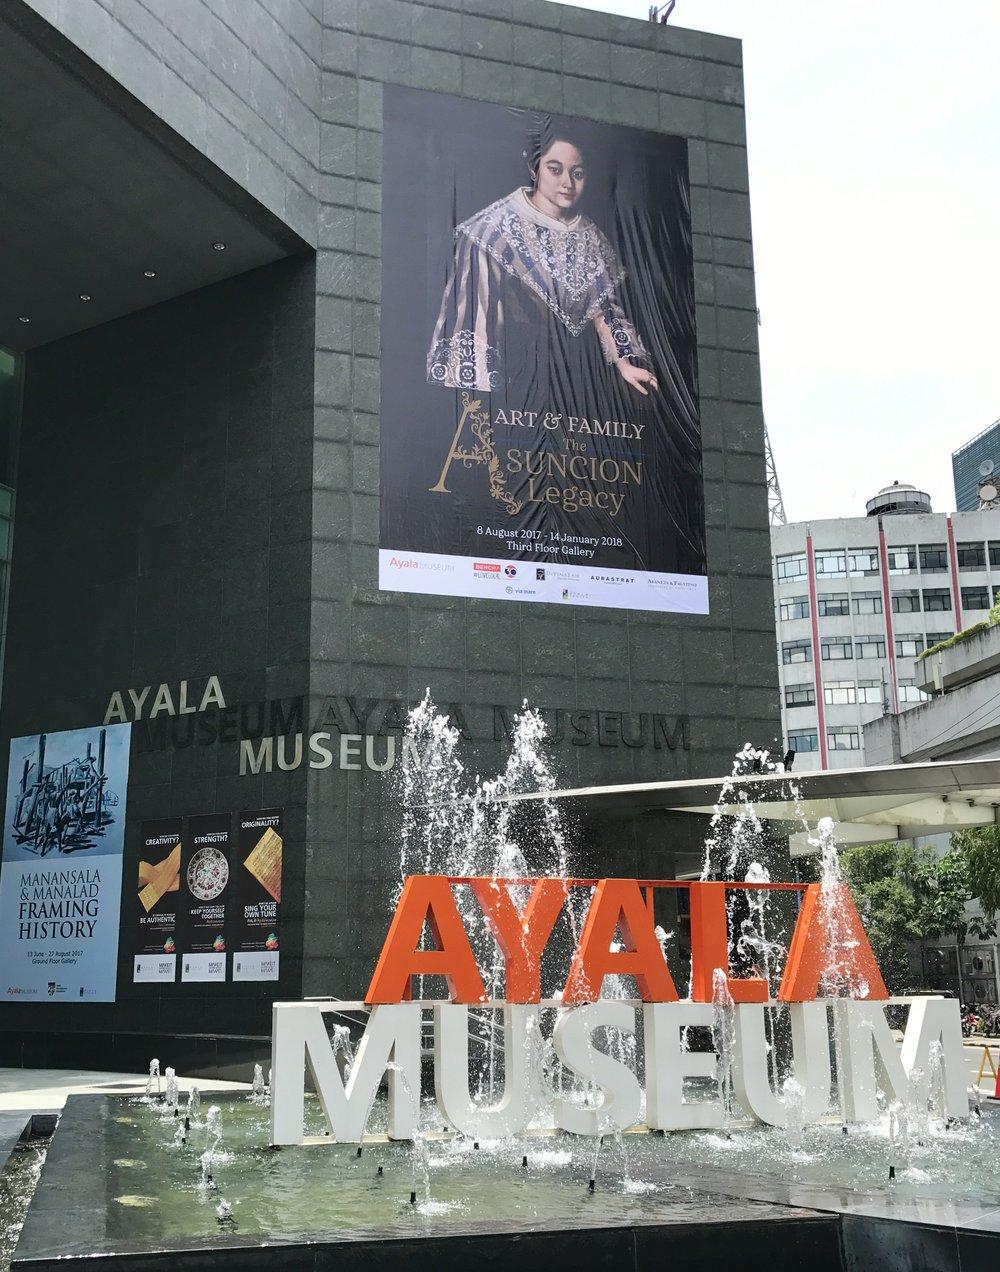 Ayala Museum facade